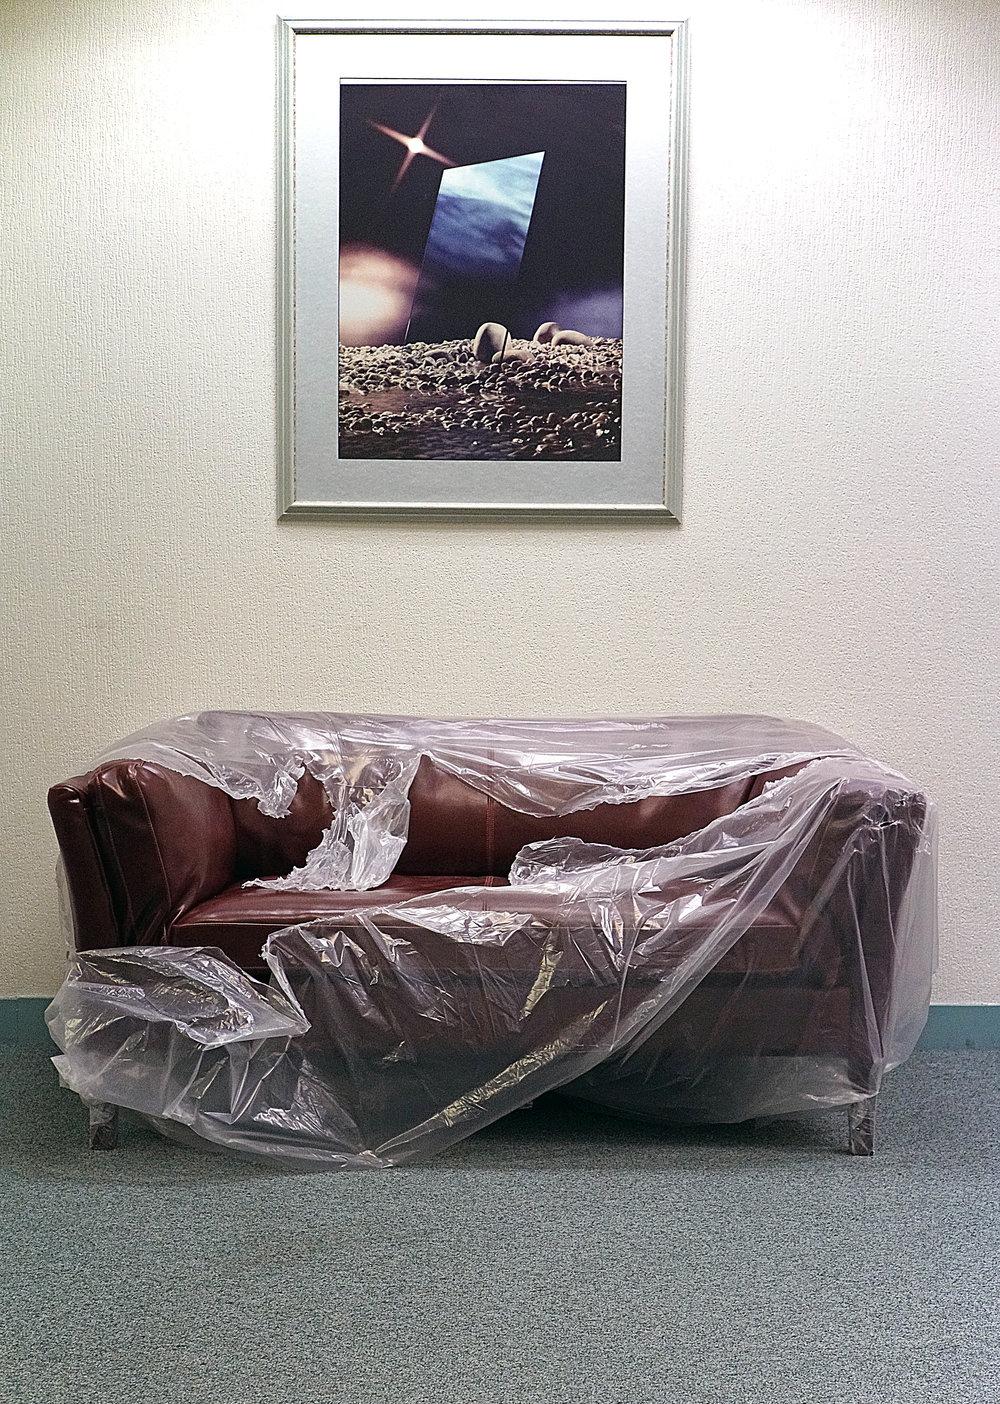 sofa&80spic.jpg